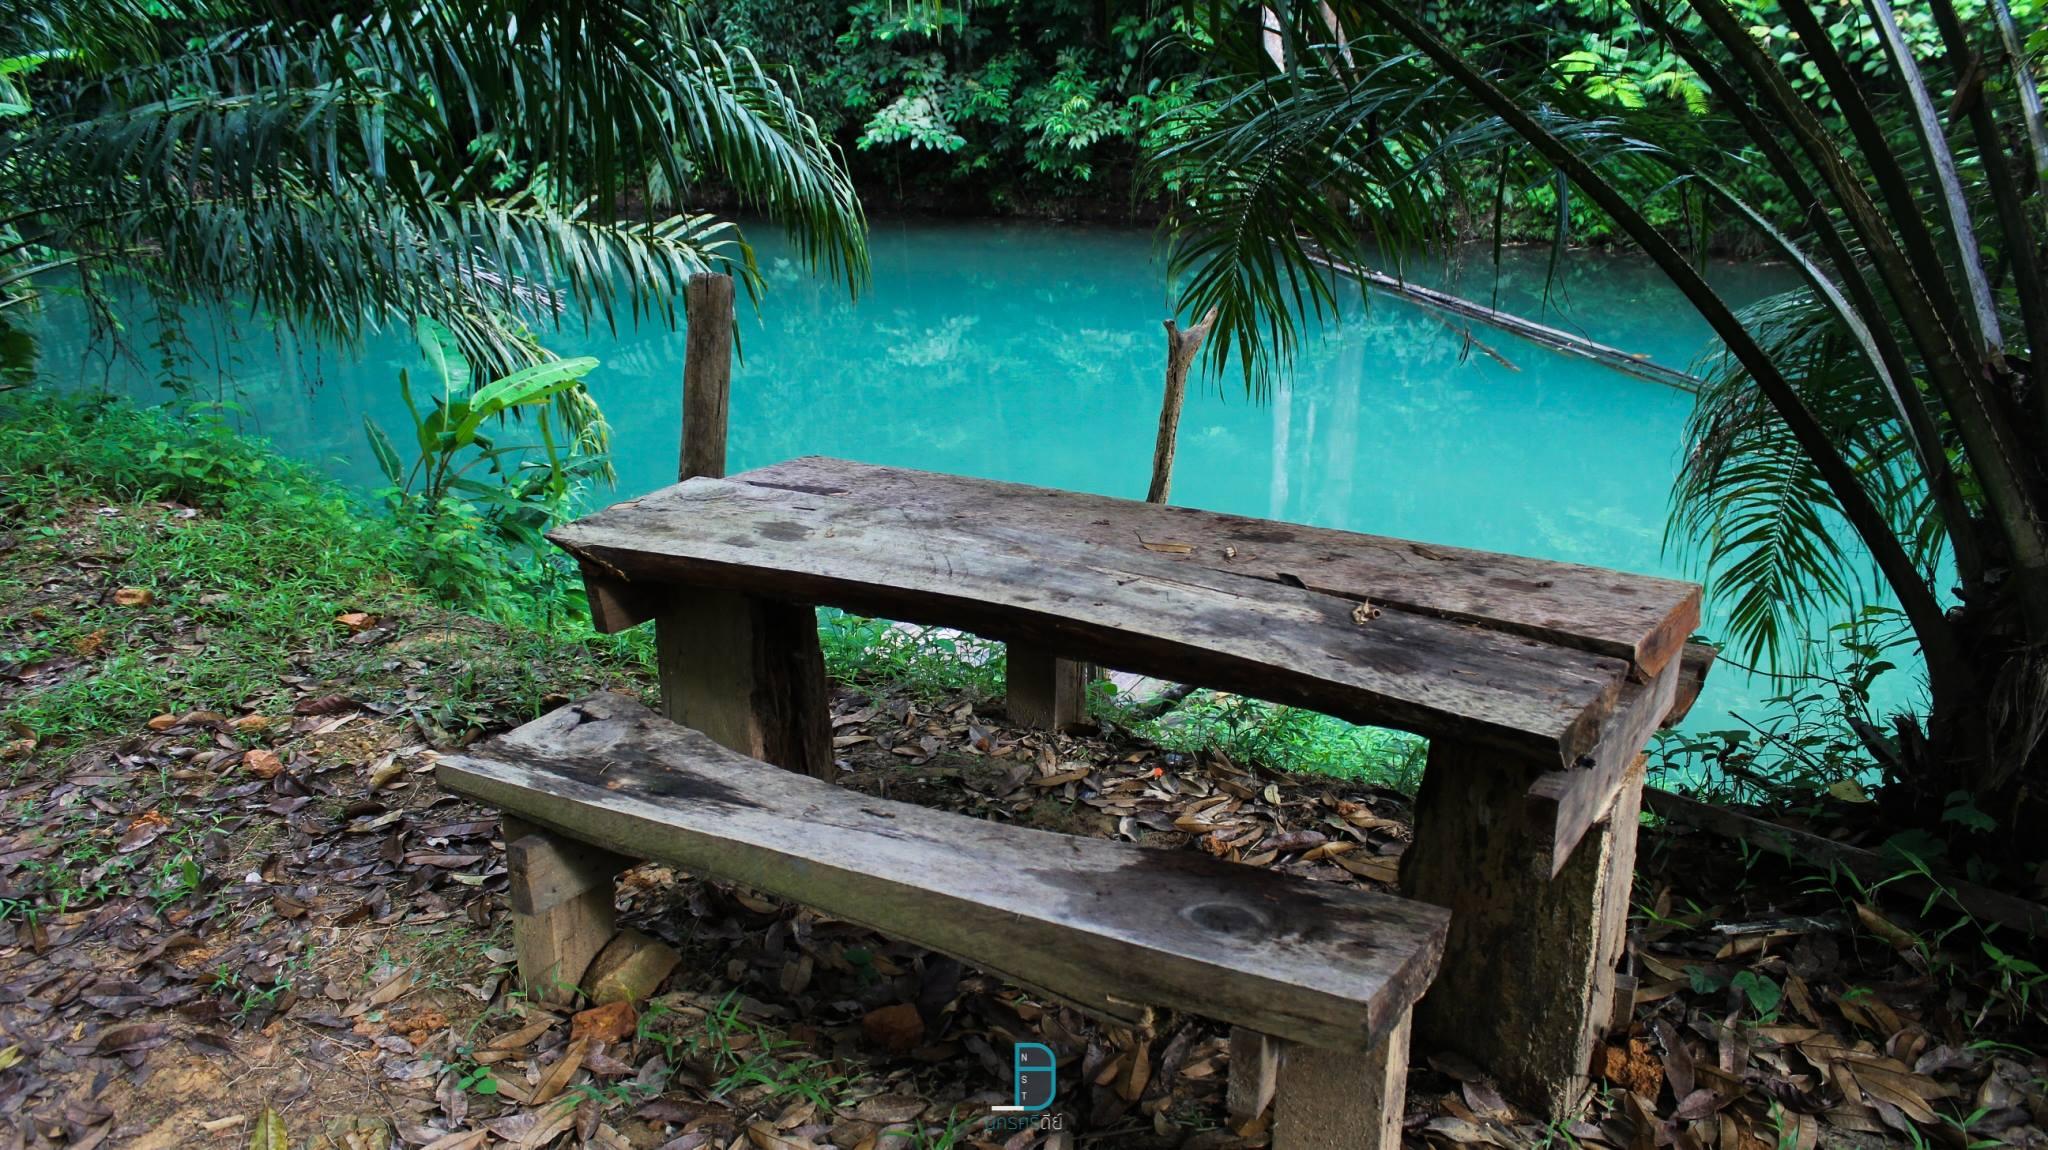 จุดเช็คอิน,สถานที่ท่องเที่ยว,นครศรีธรรมราช,ธรรมชาติ,ทะเล,ภูเขา,ป่า,น้ำตก,2018,2019